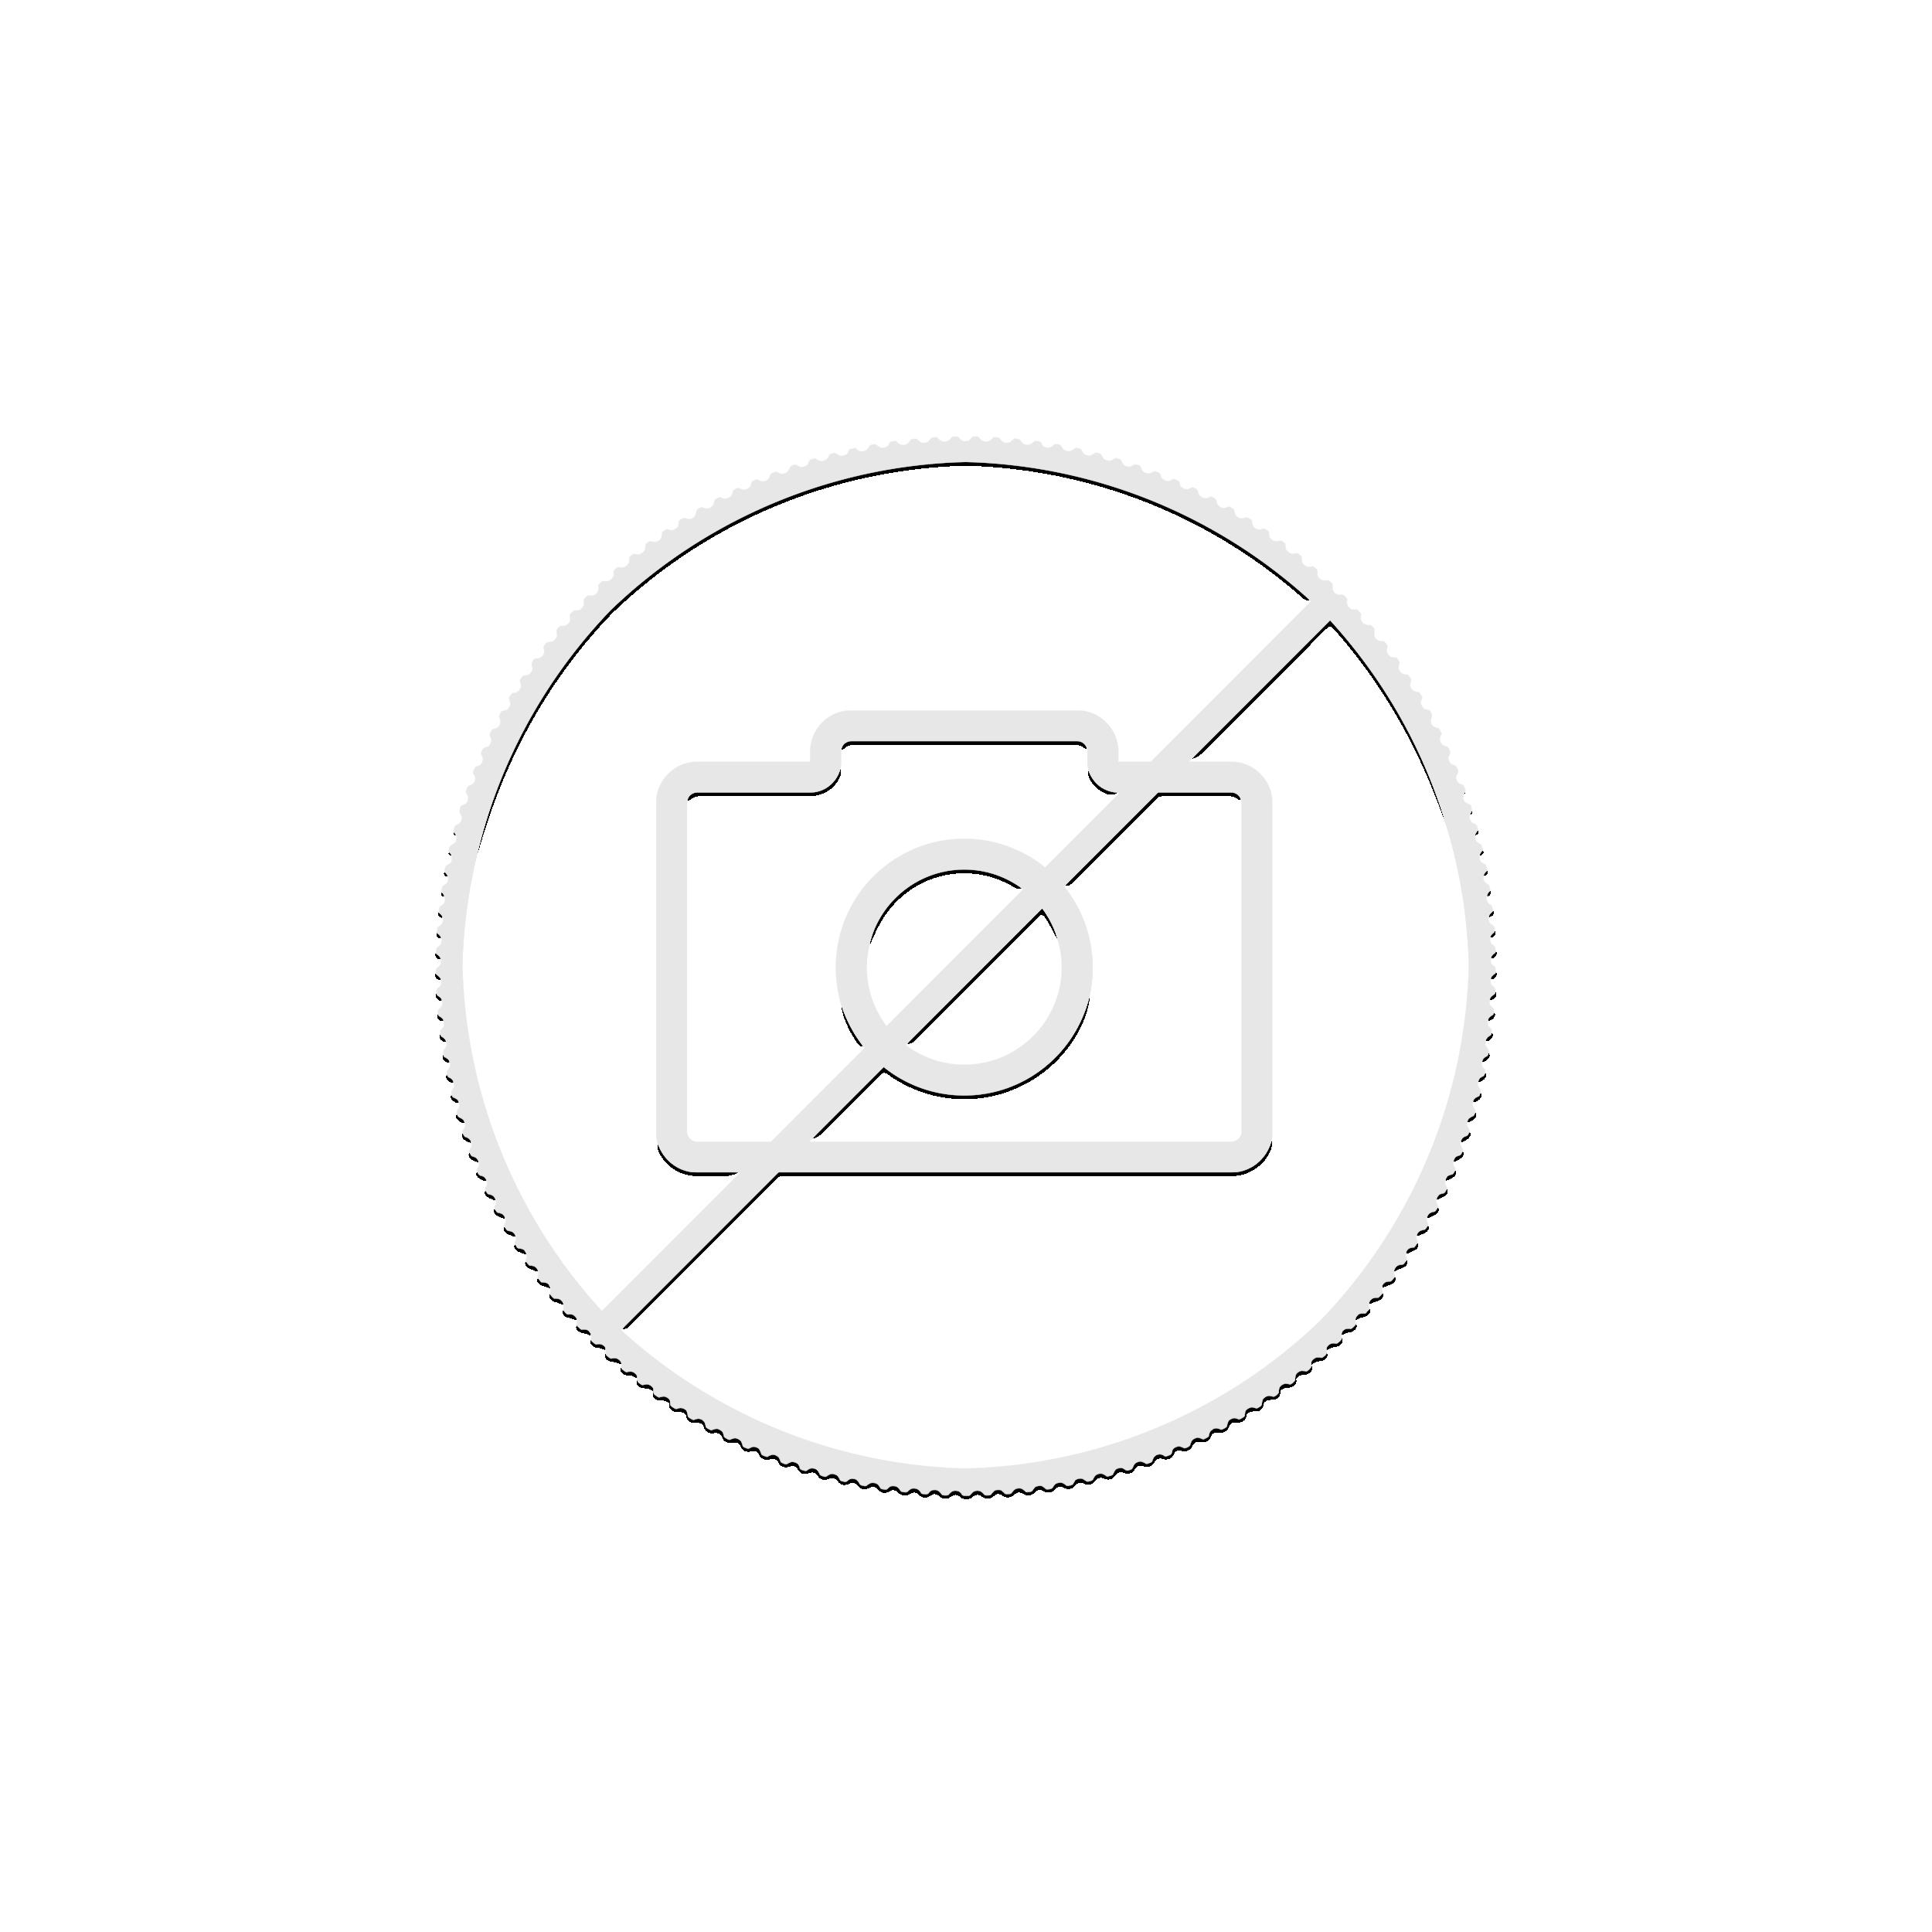 Goud 1/2 Sovereign munt